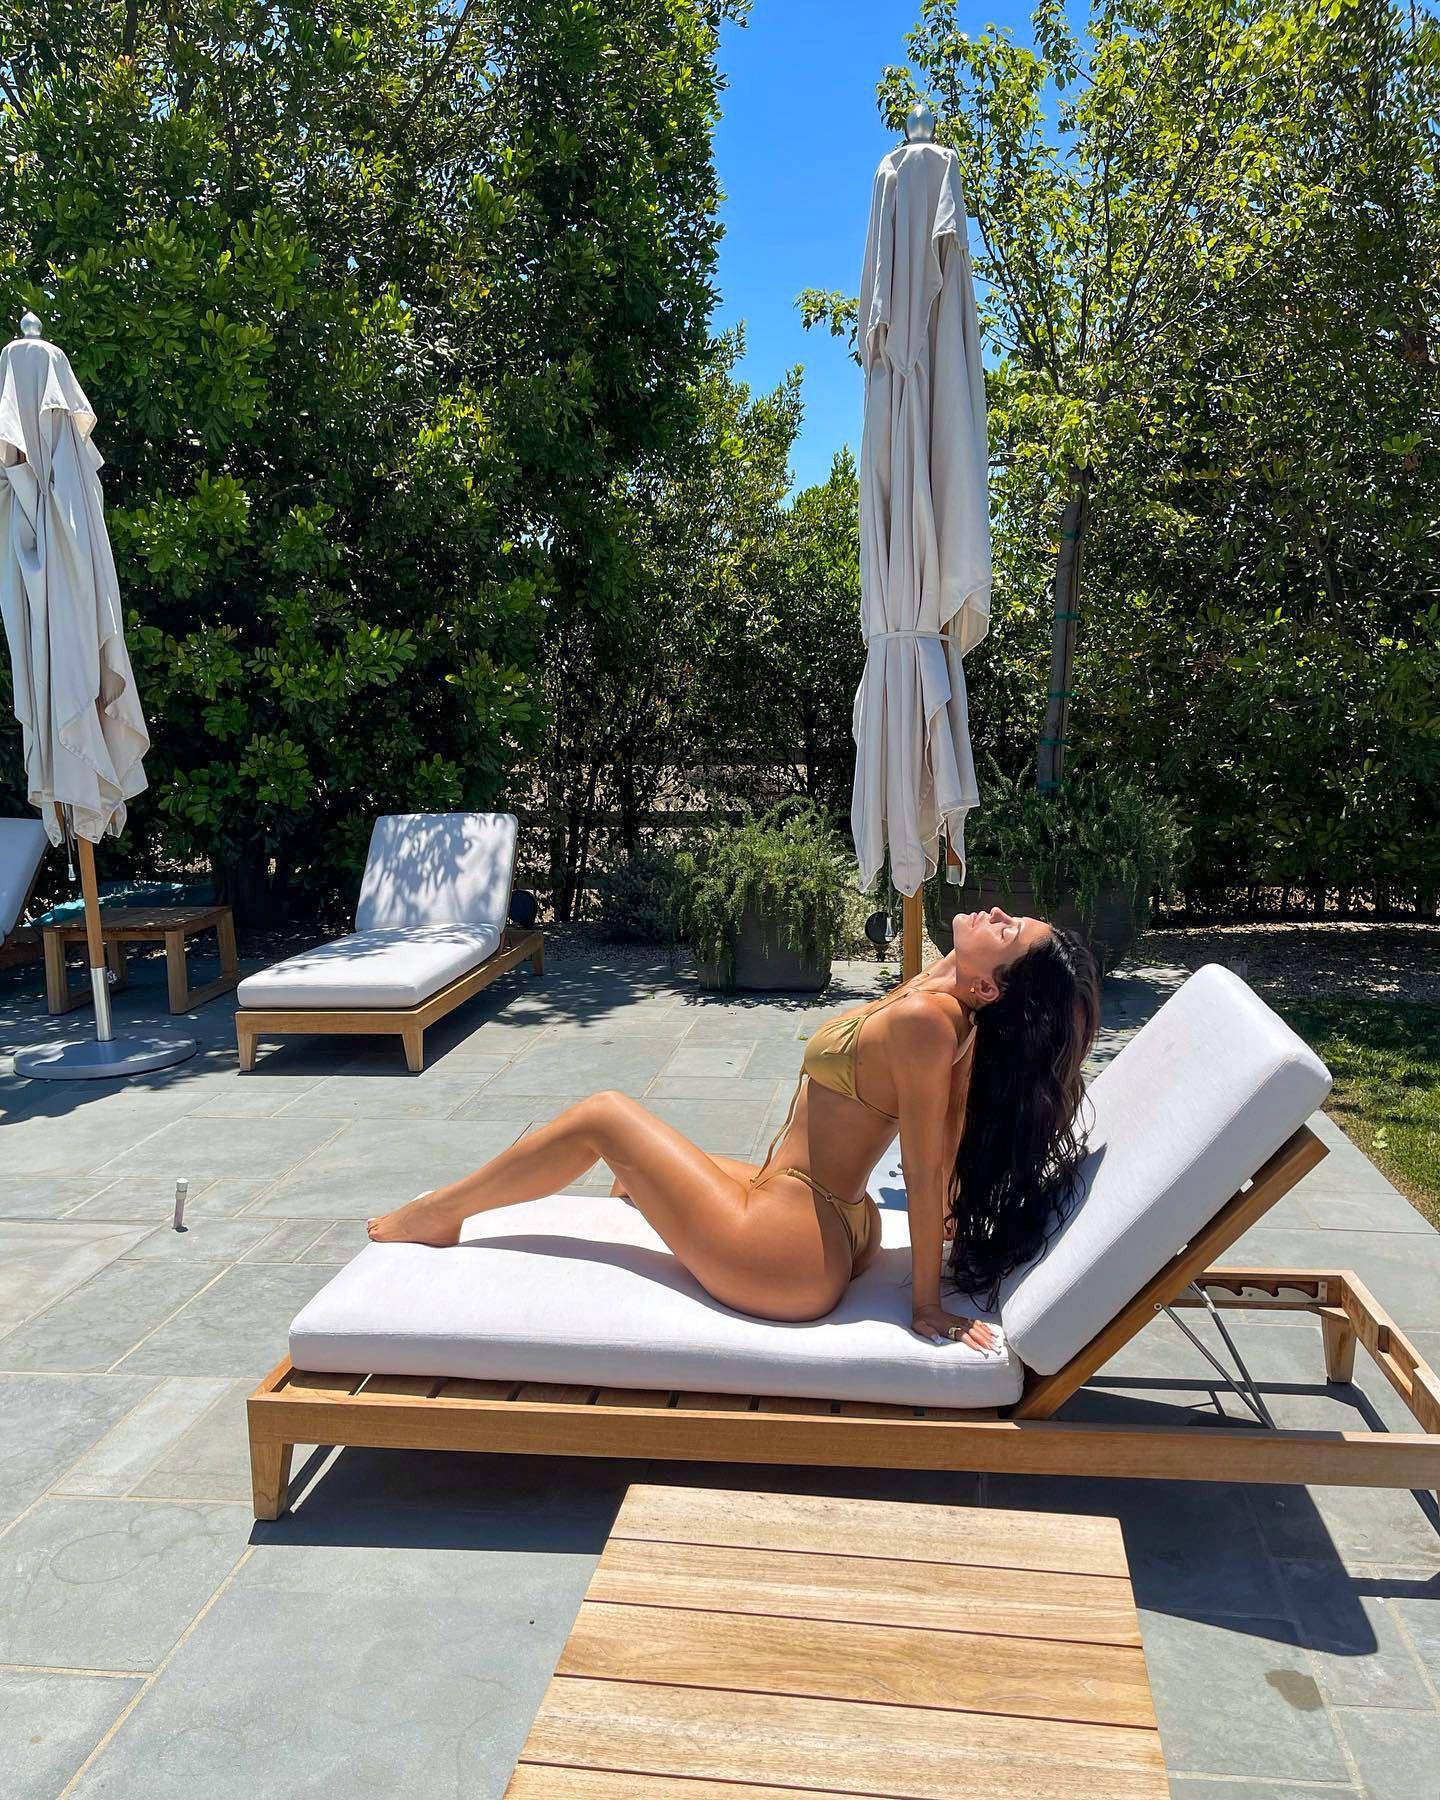 Kylie Jenner Boobs In Bikini